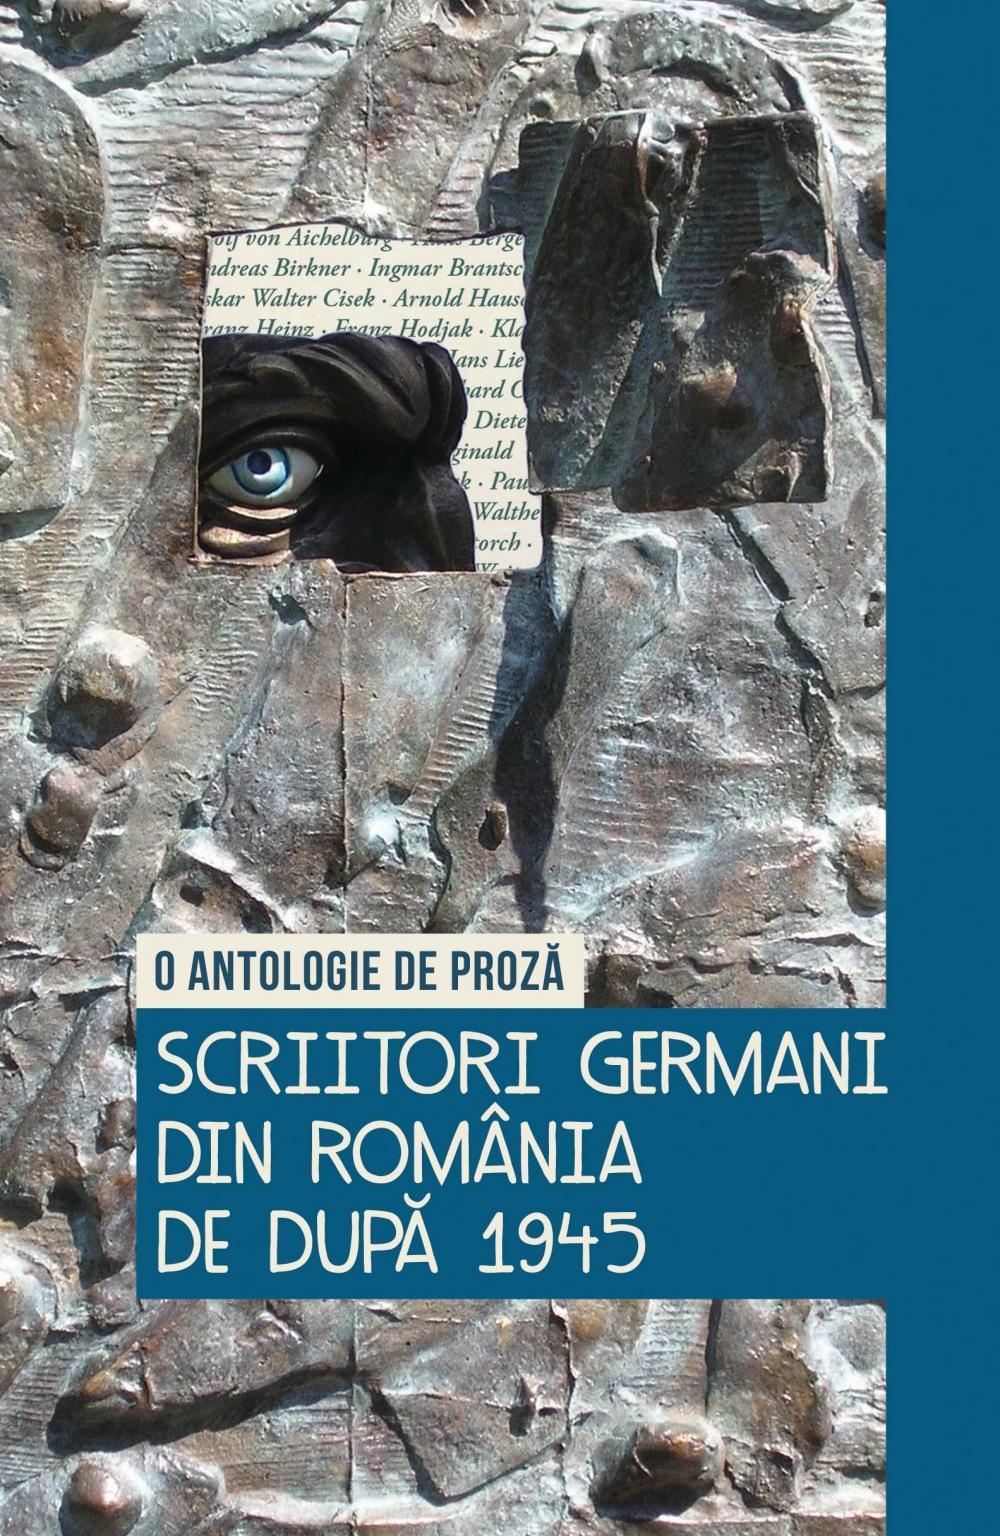 SCRIITORI GERMANI DIN ROMANIA DE DUPA 1945